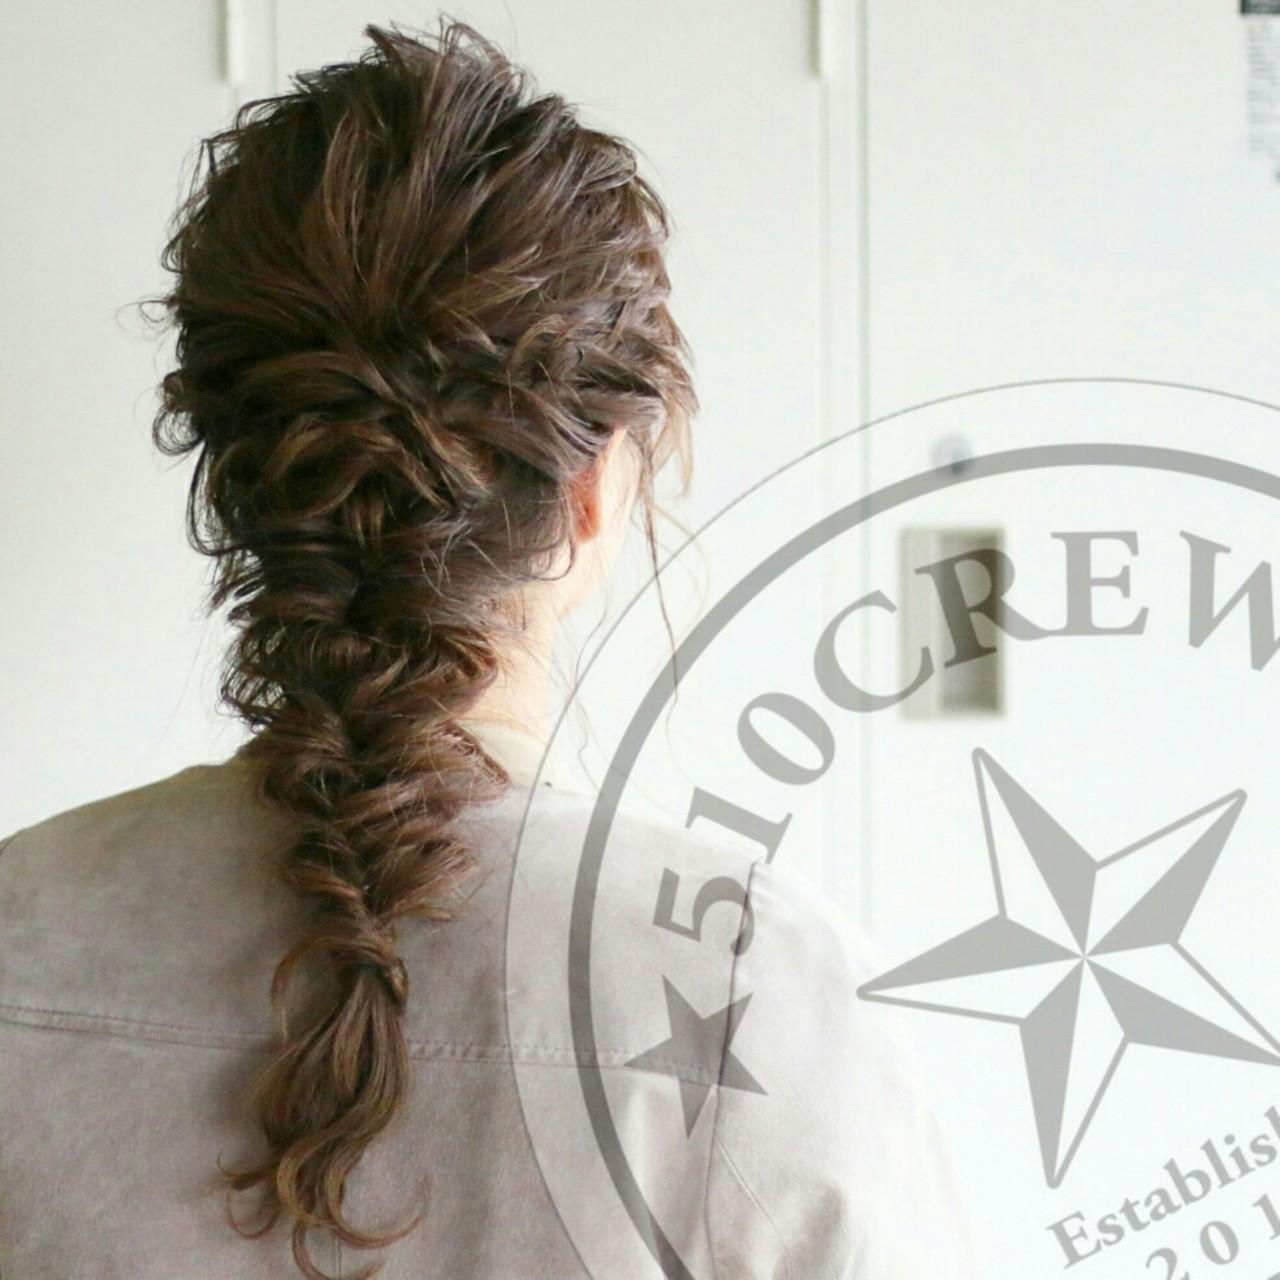 エレガント 上品 外国人風 ゆるふわ ヘアスタイルや髪型の写真・画像